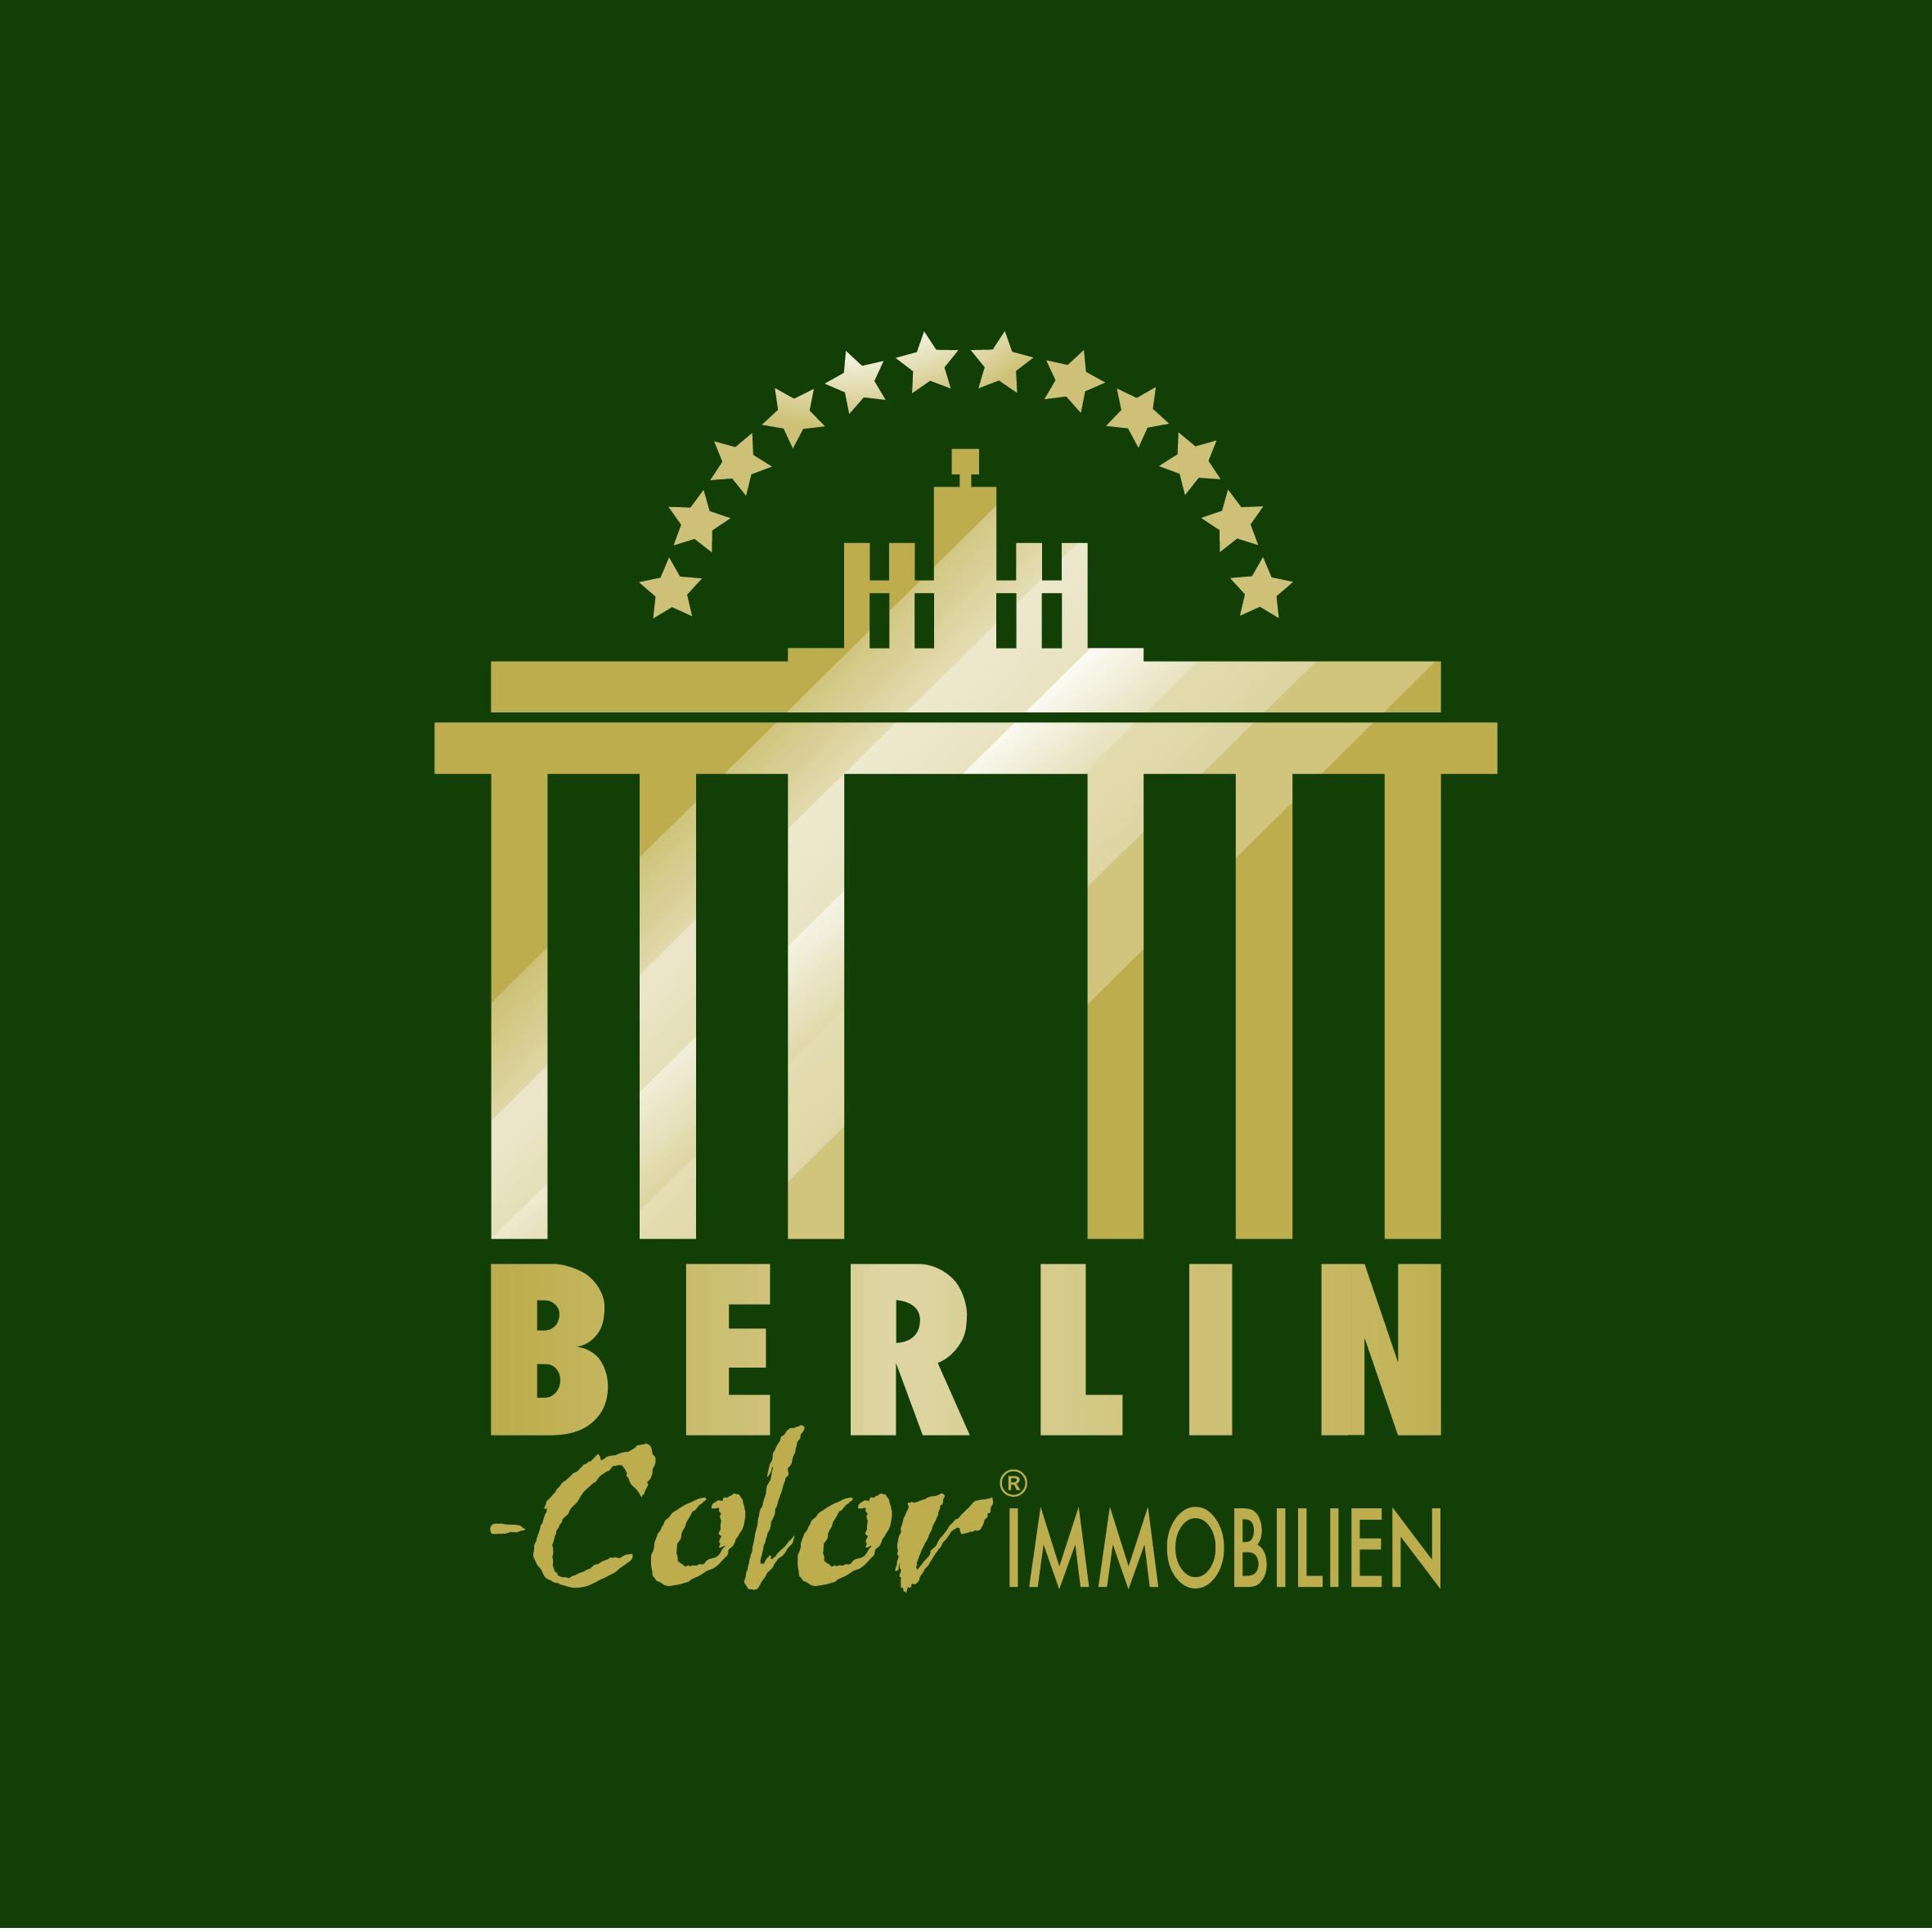 Hier sehen Sie das Logo von Berlin-Color-Immobilien Meyer GmbH